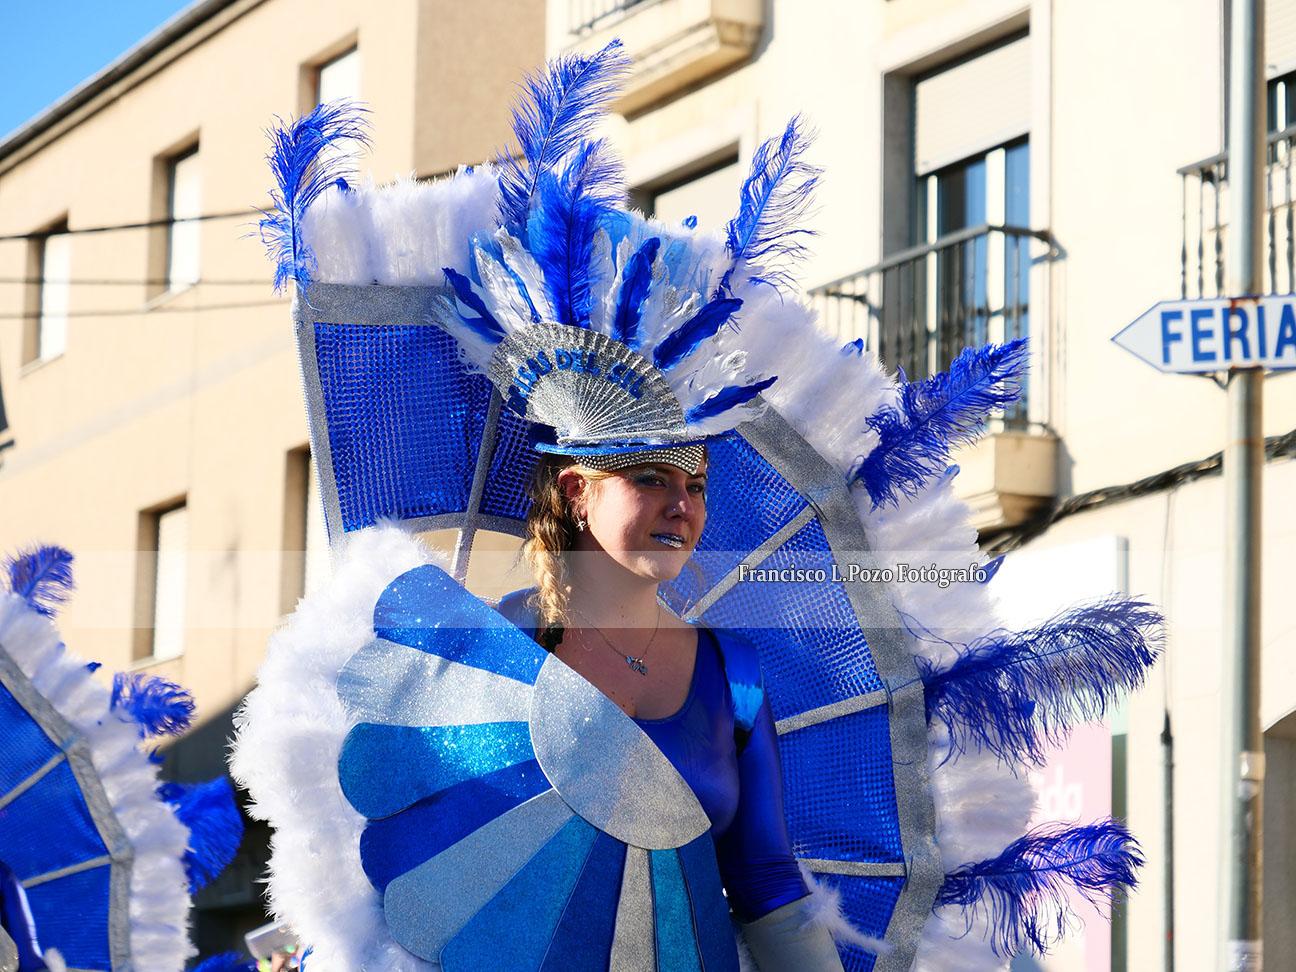 Carnaval 2020: Camponaraya sale a la calle a ritmo de comparsa 121